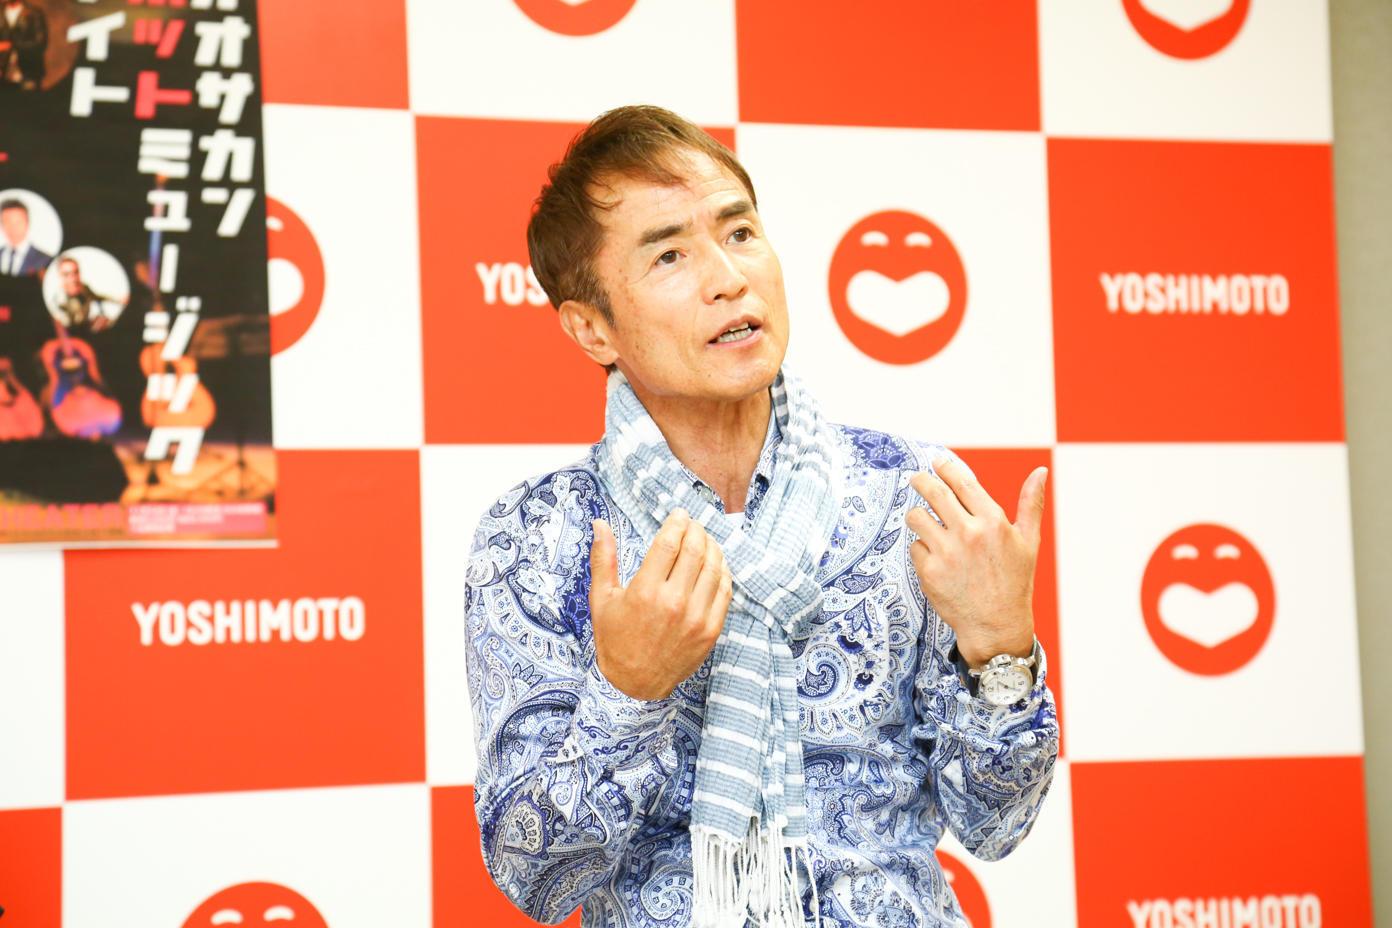 http://news.yoshimoto.co.jp/20170929092959-87542361da65b20466706c566b793954bebcdc31.jpg